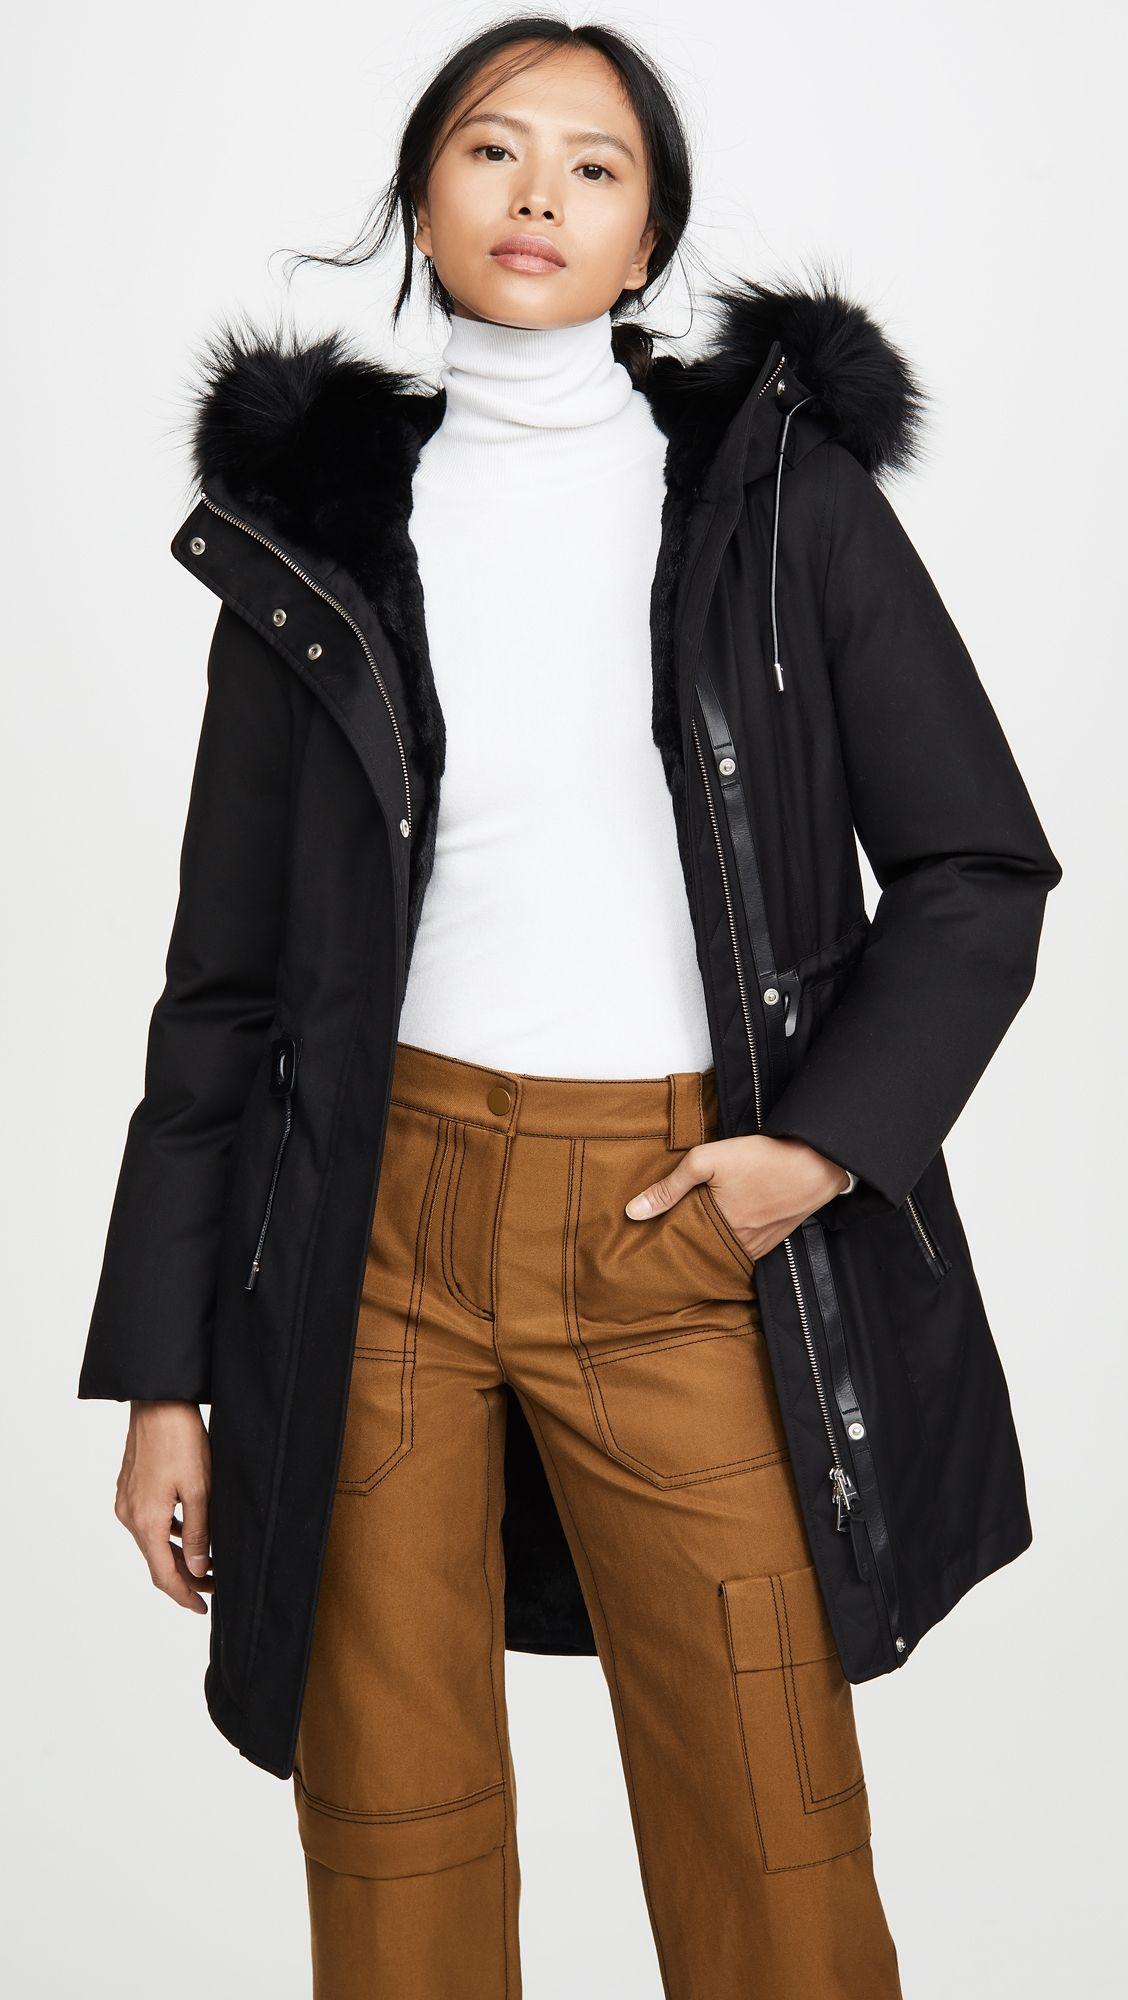 Anabel Jacket Jackets China Fashion S Models